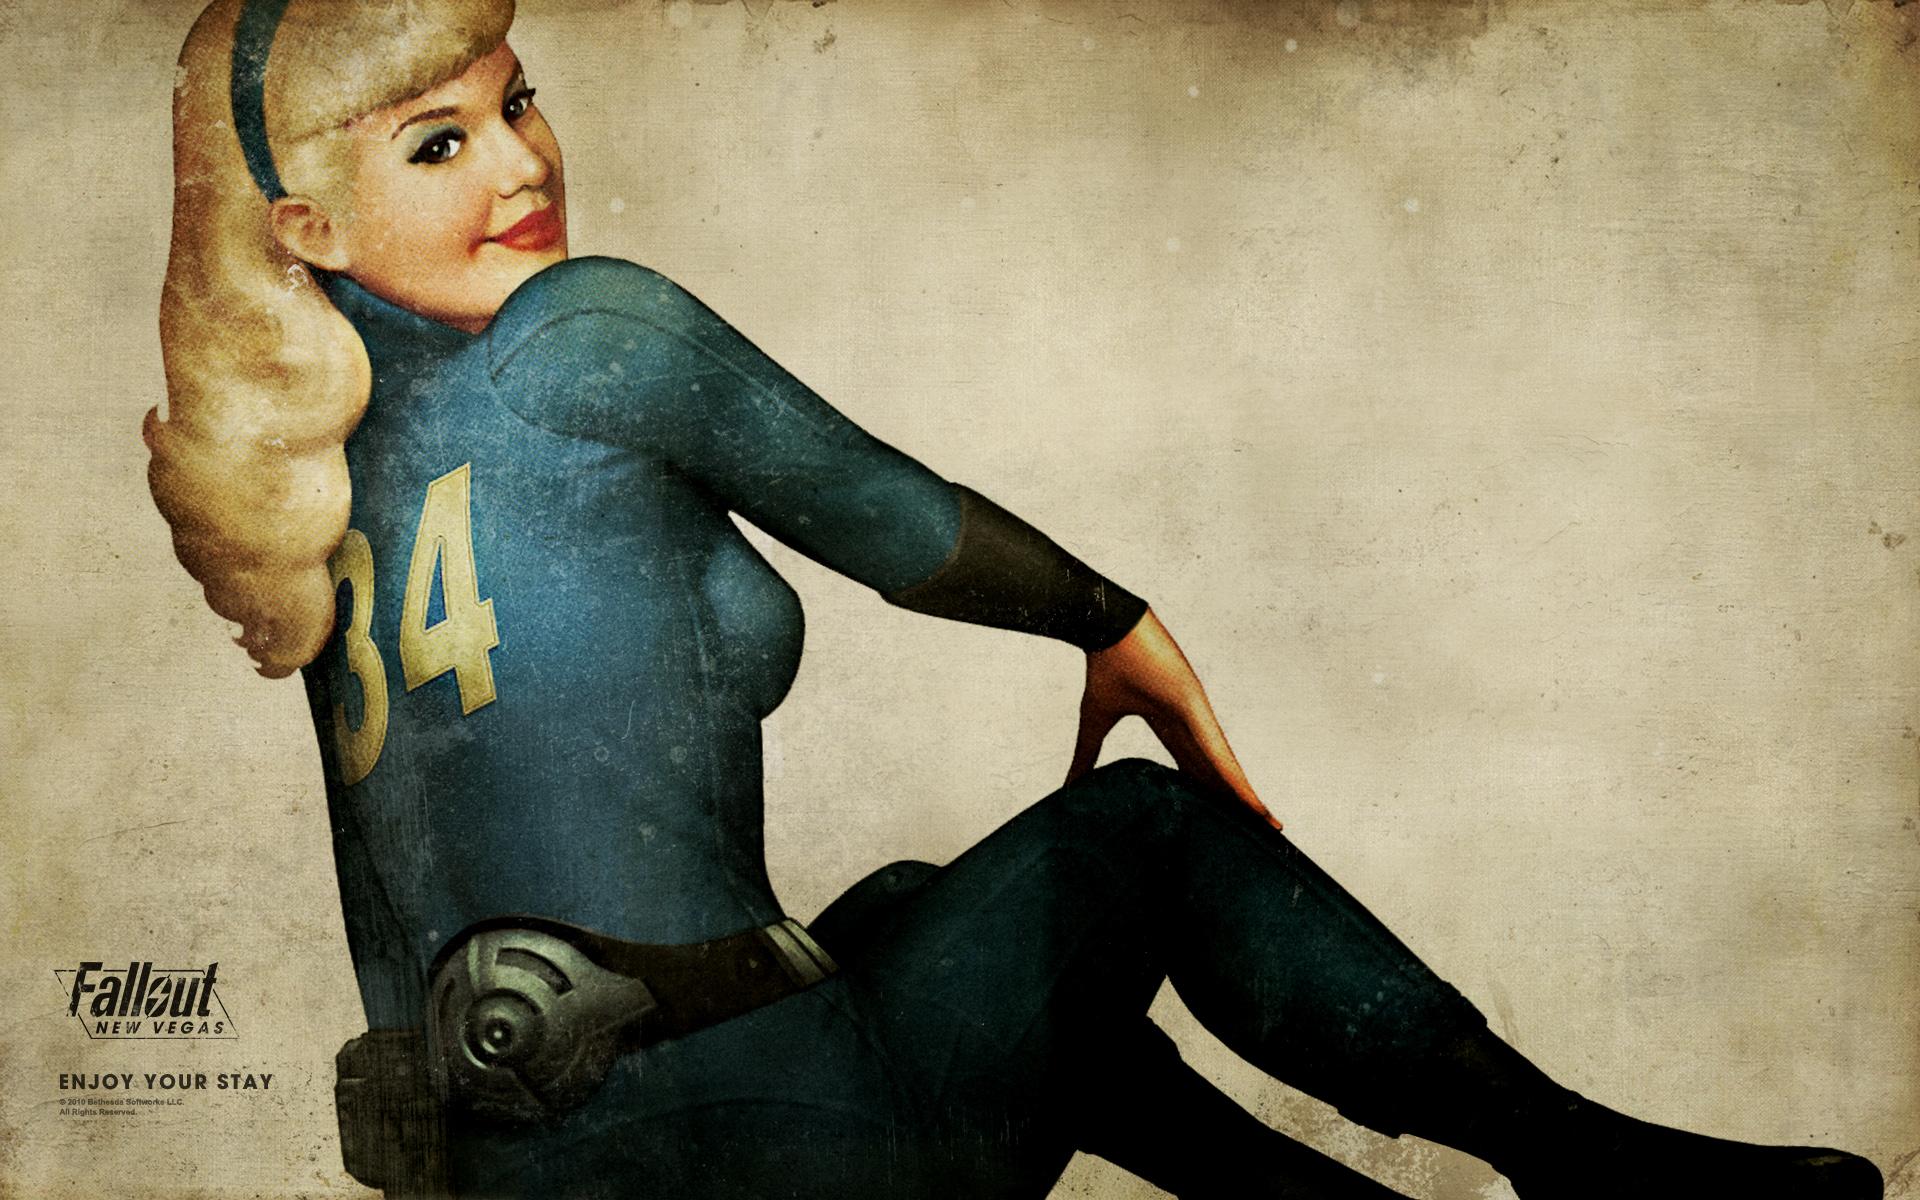 Grand Theft Auto Wallpaper Girl Fallout New Vegas Wallpaper